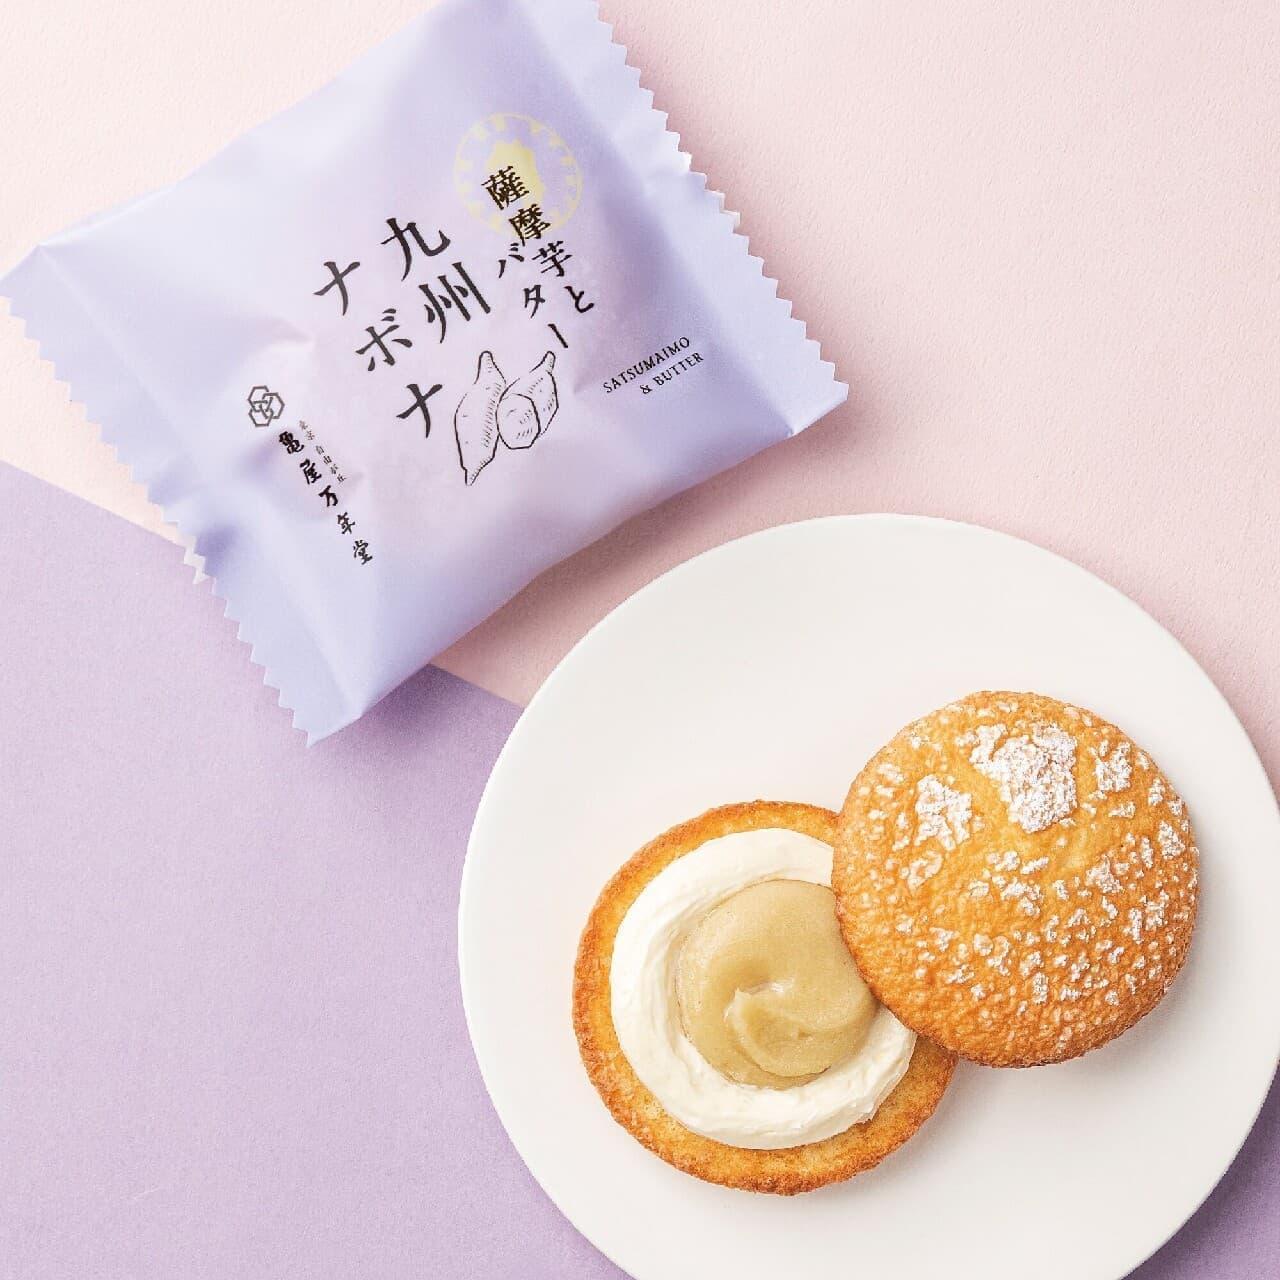 亀屋万年堂「九州ナボナ薩摩芋とバター」